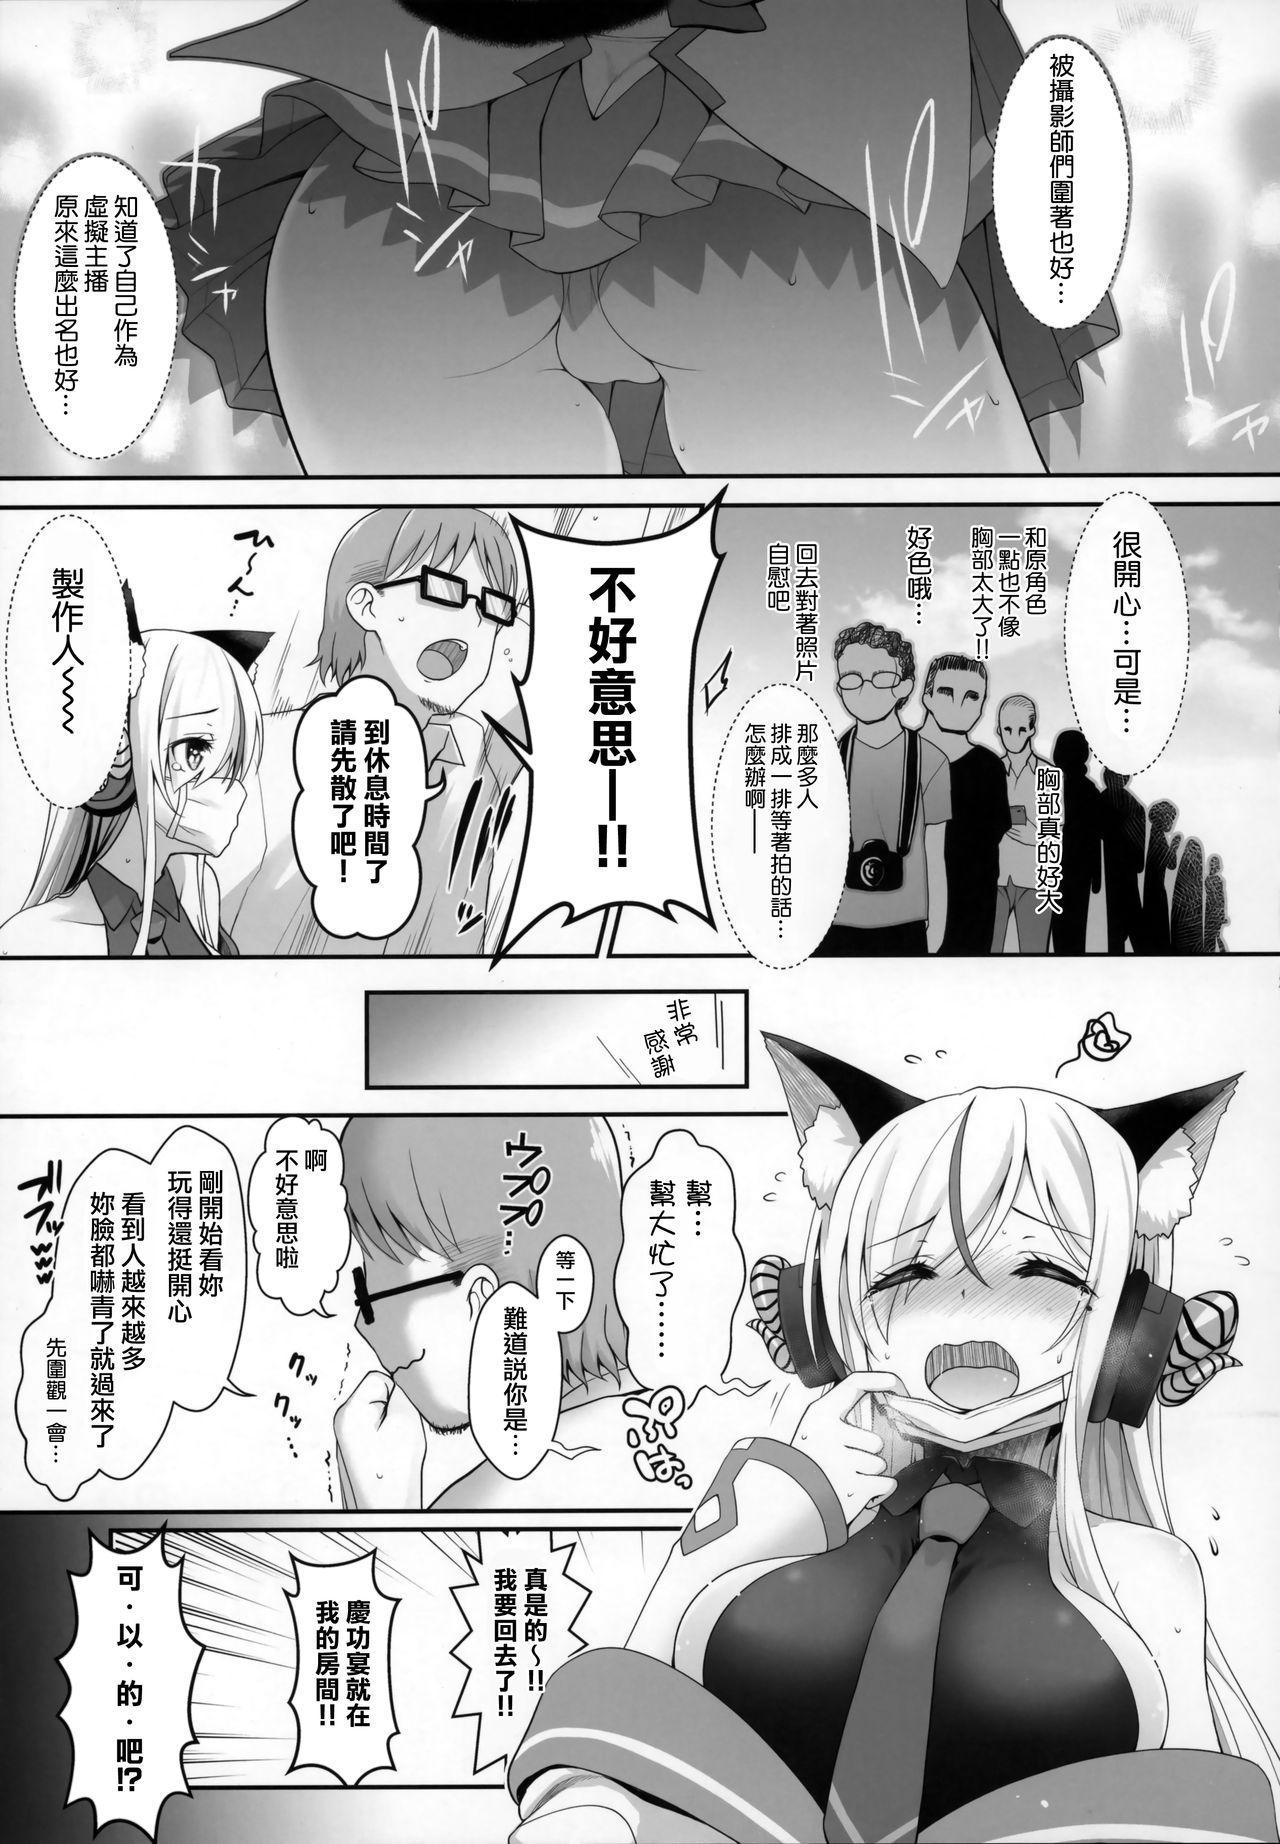 Ore no Kanojo wa Virtual no Mono 11